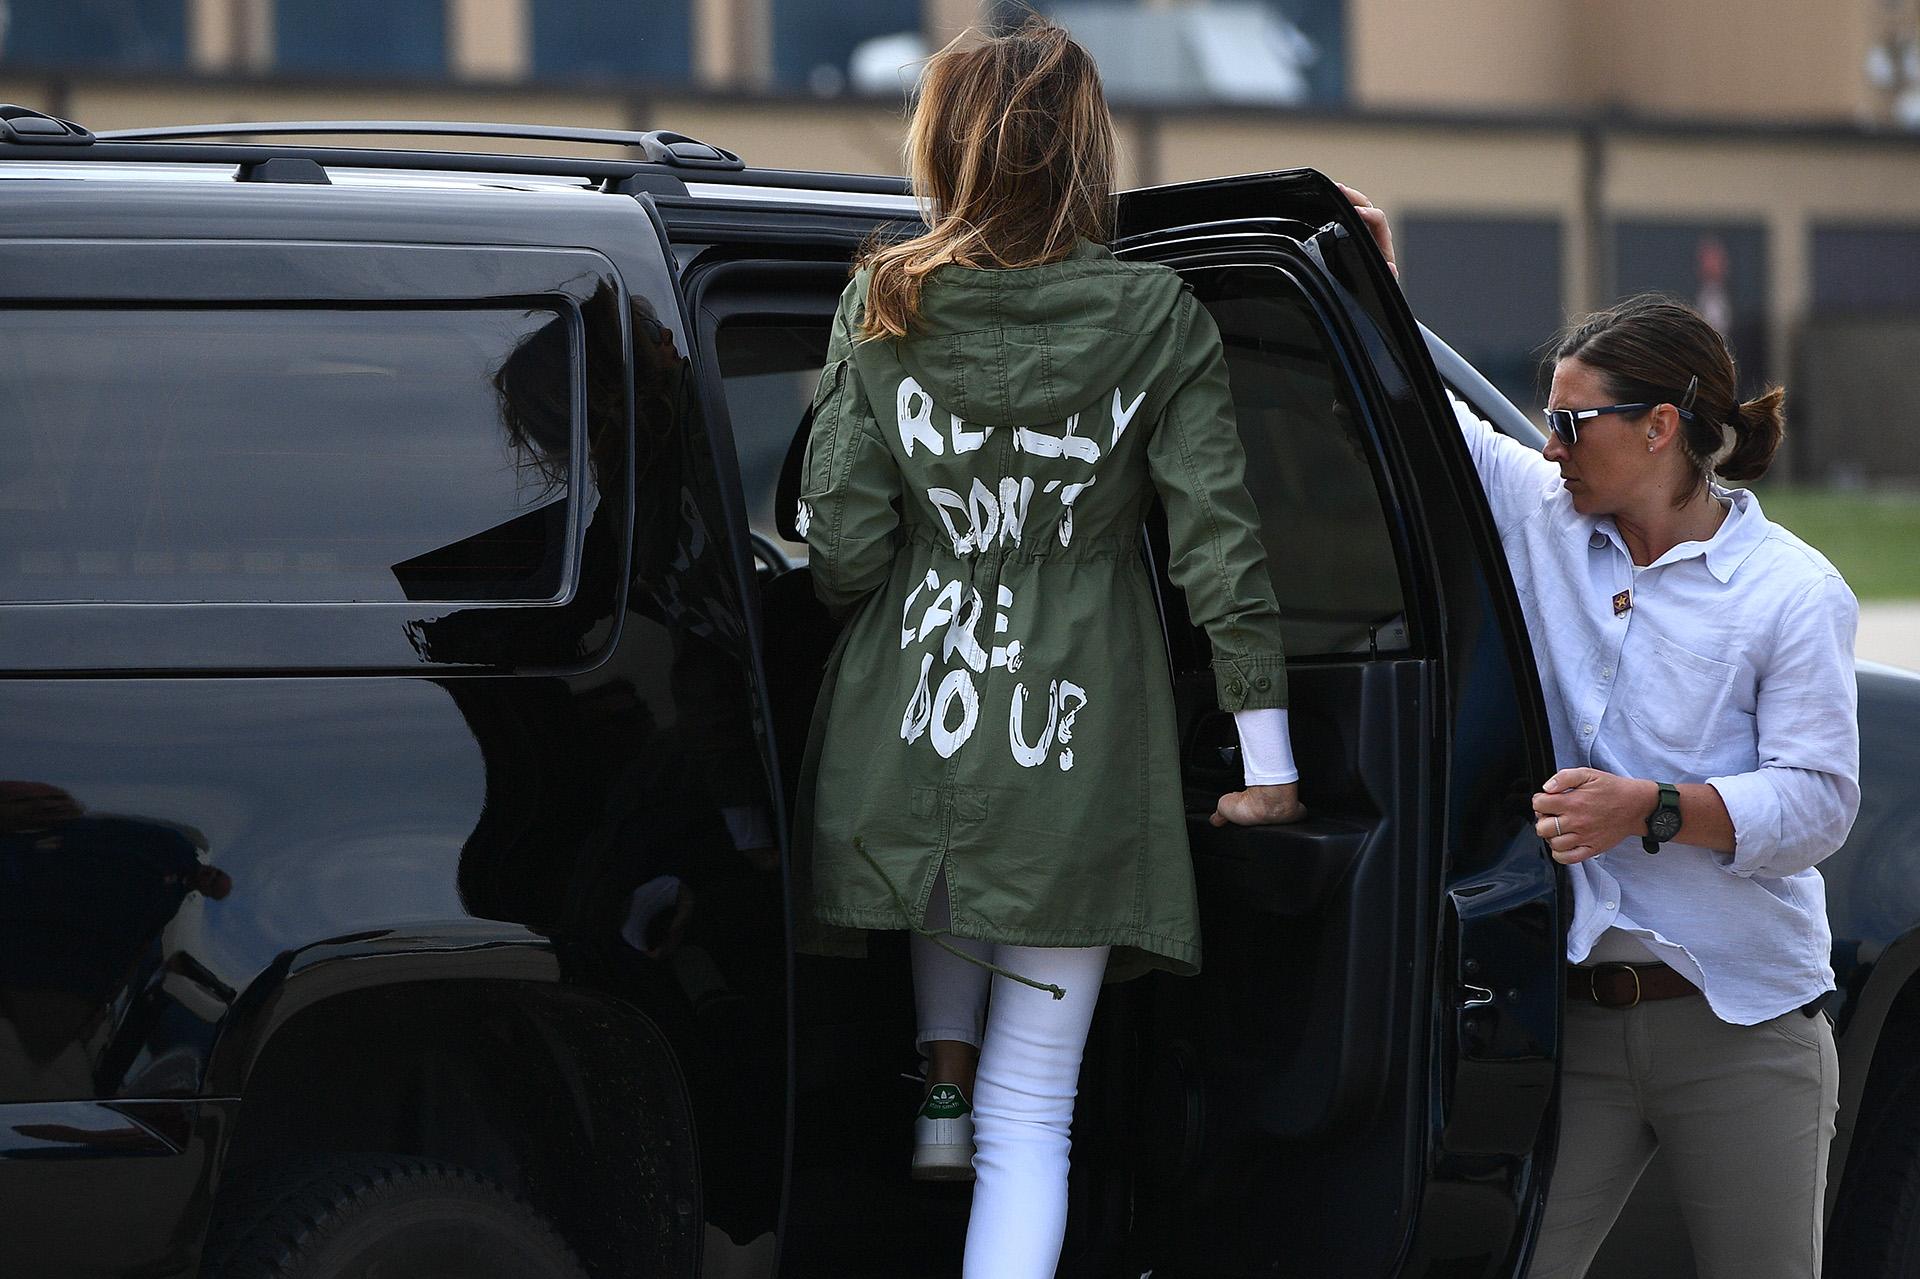 """Melania Trump, primera dama de Estados Unidos, parte de la Base Andrews de la Fuerza Aérea, en Maryland, usando una chaqueta con la leyenda: """"Realmente no me importa, ¿a ti?"""", tras una visita sorpresa a un centro de niños inmigrantes en la frontera con México, el 21 de junio (MANDEL NGAN / AFP)"""